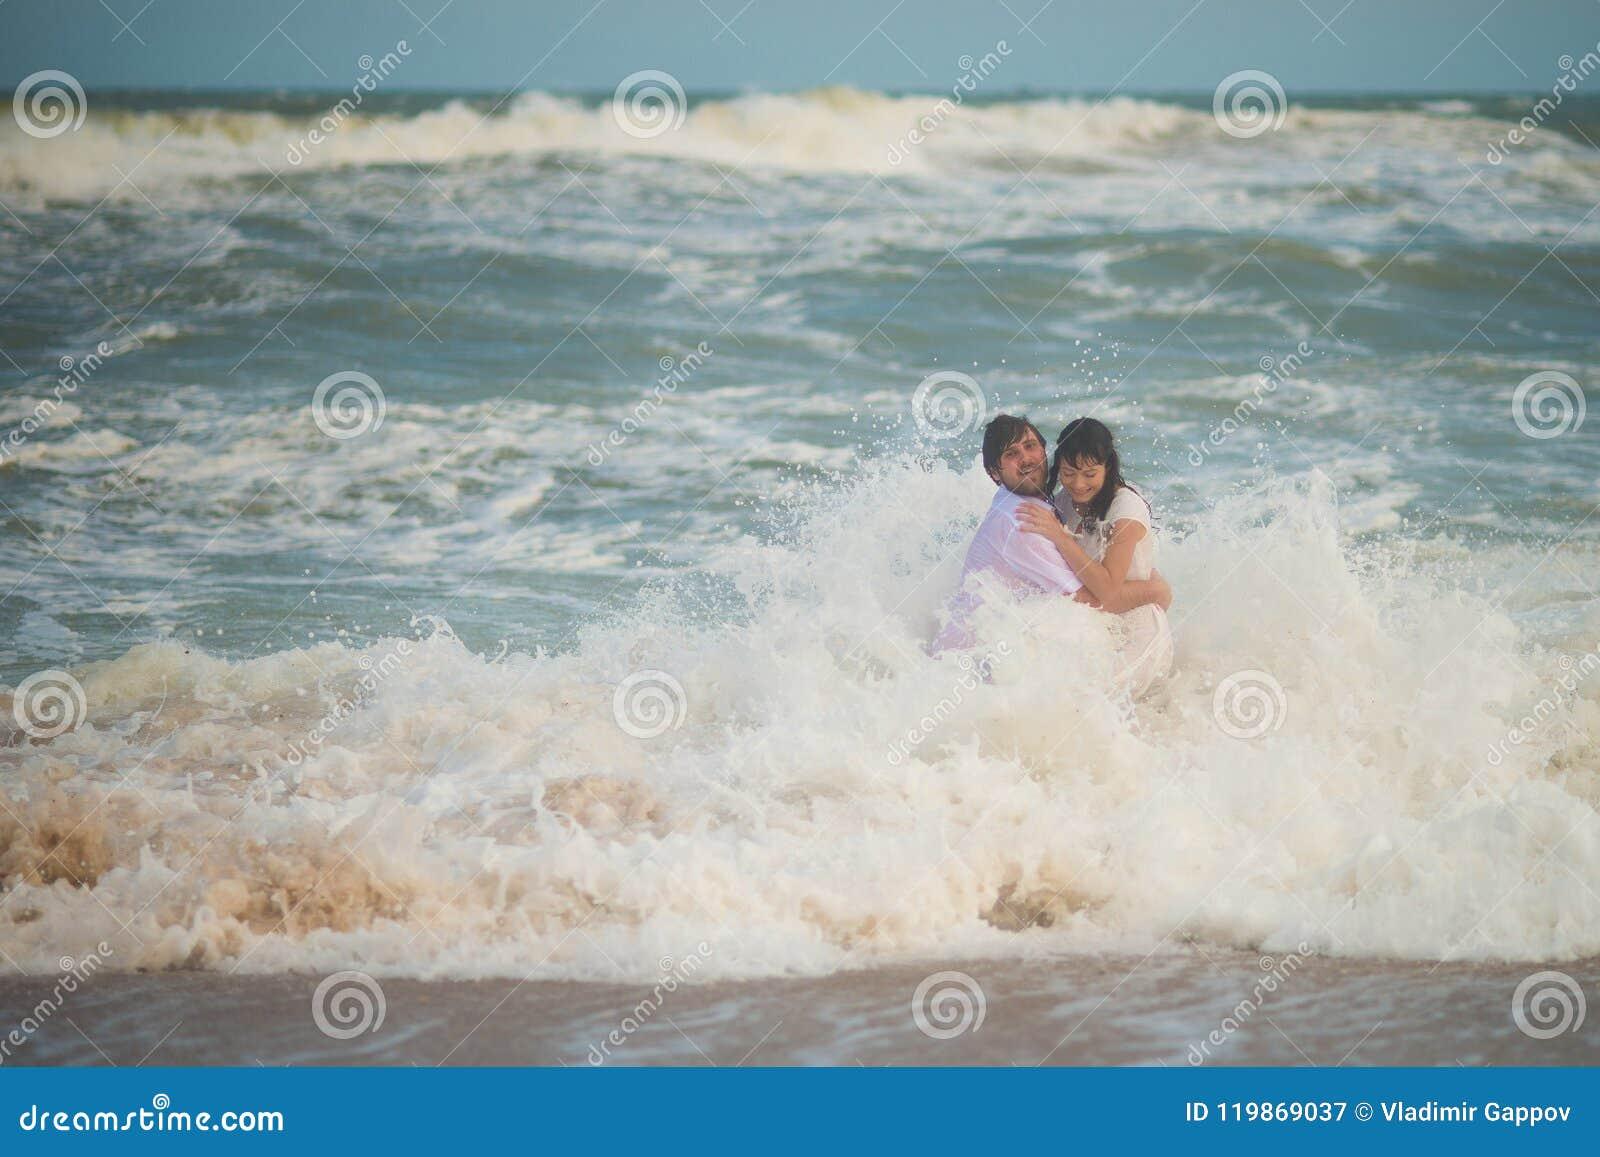 Wave ha spazzato le persone appena sposate Sposa e sposo che posano nel mare